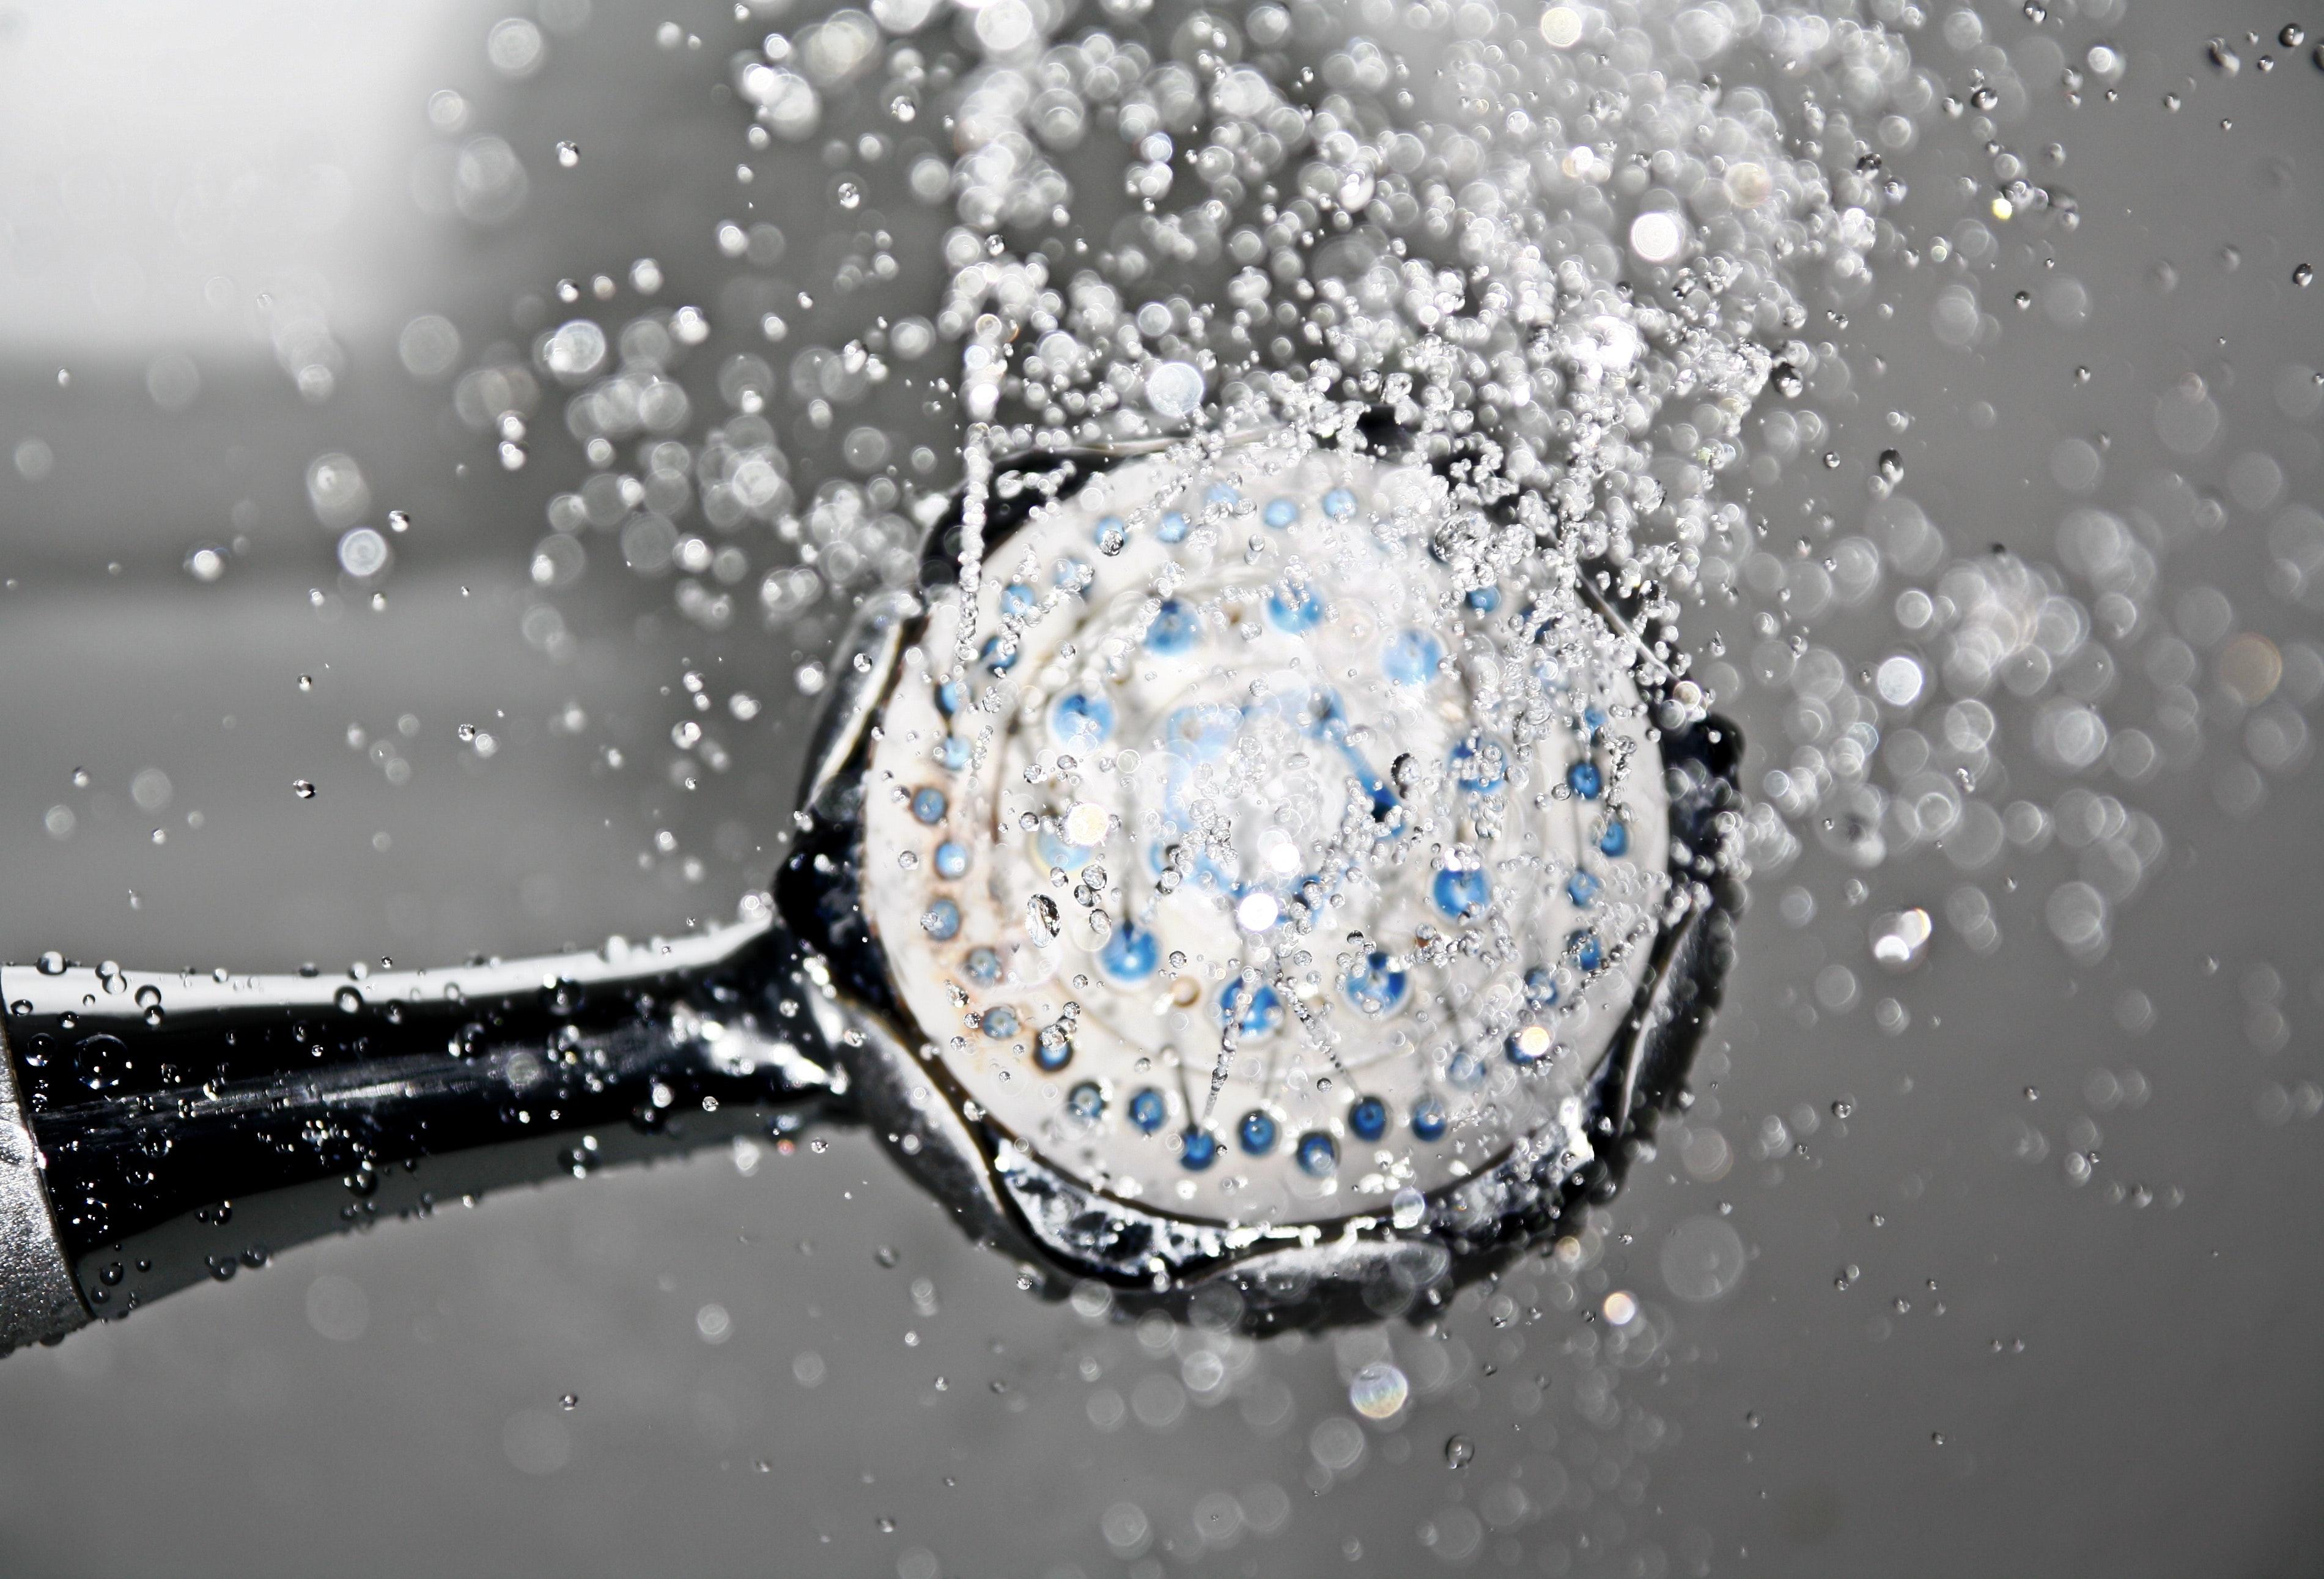 Por qué deberías bañarte con agua fría